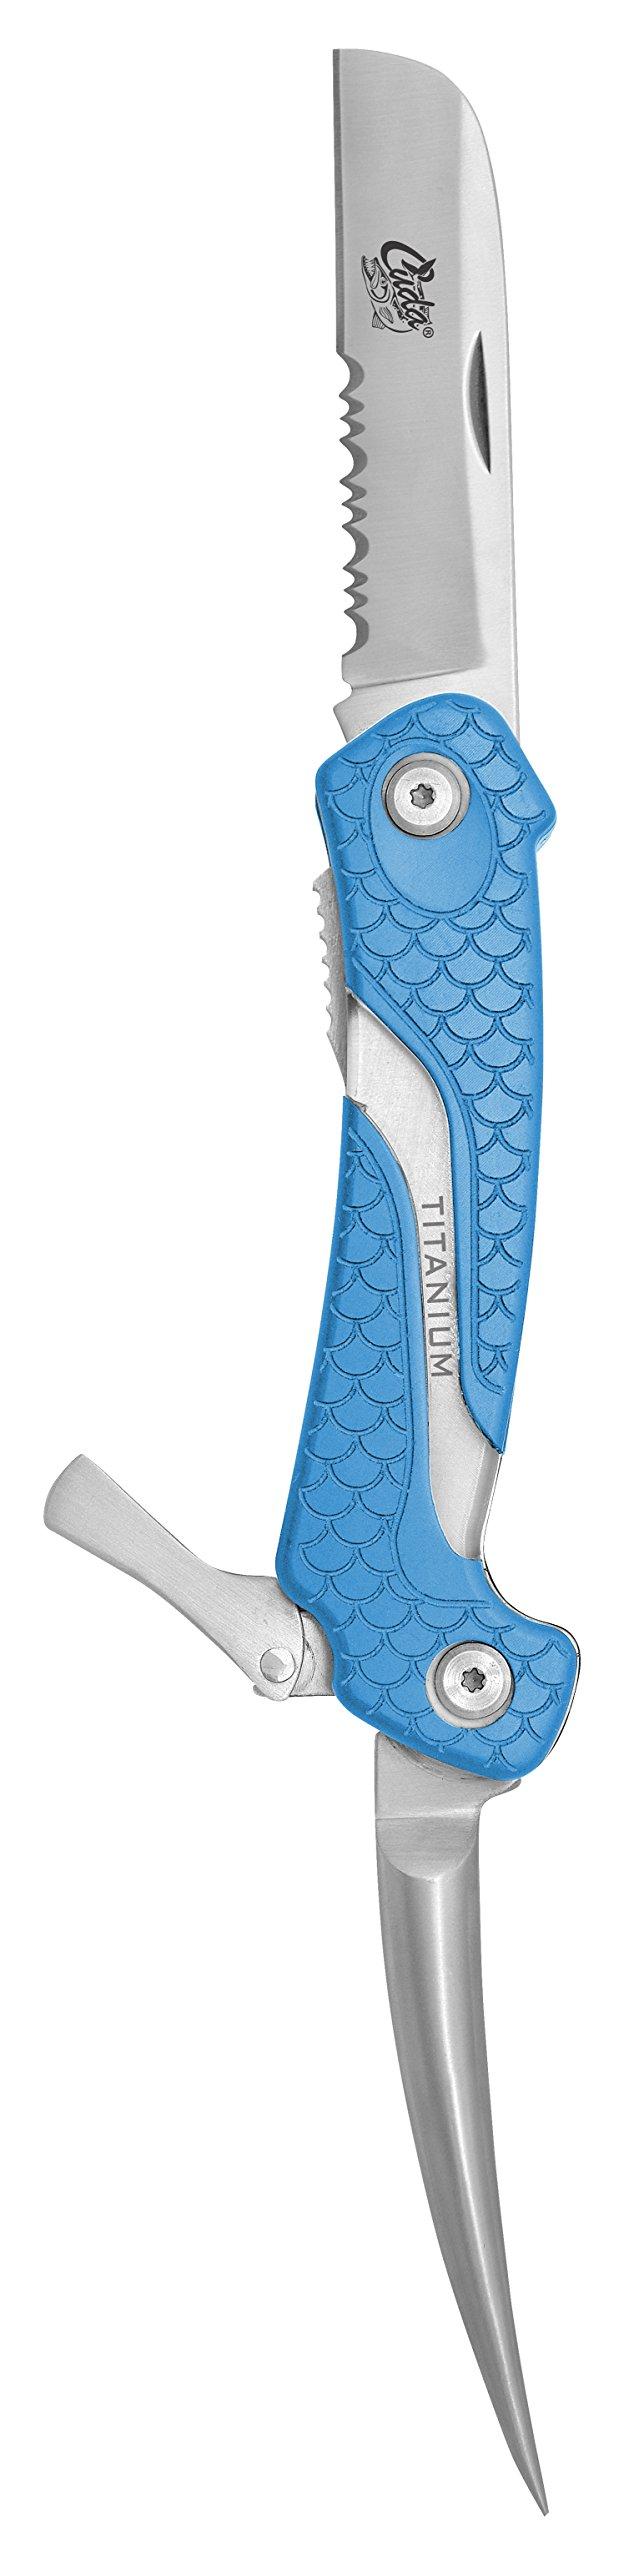 Cuda Titanium Bonded Marlin Spike Folding Knife, Blue